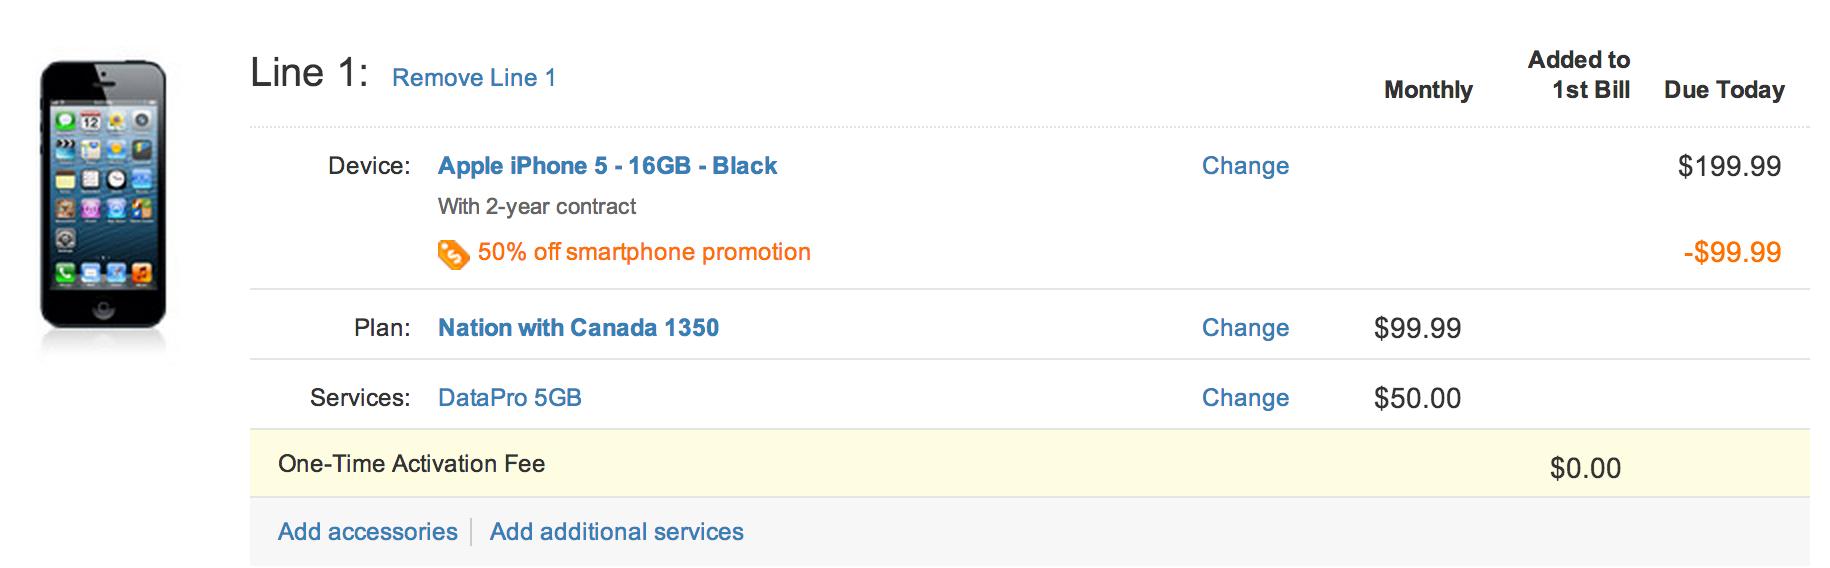 """<span href=""""https://9to5mac.com/2013/06/22/att-cuts-iphone-5-price-to-99-99-as-part-of-50-off-smartphone-promotion/"""">AT&T recortes iPhone 5 precio de 99,99 dólares ($75 reacondicionados) como parte de un 50% de descuento en smartphone promoción</a>"""